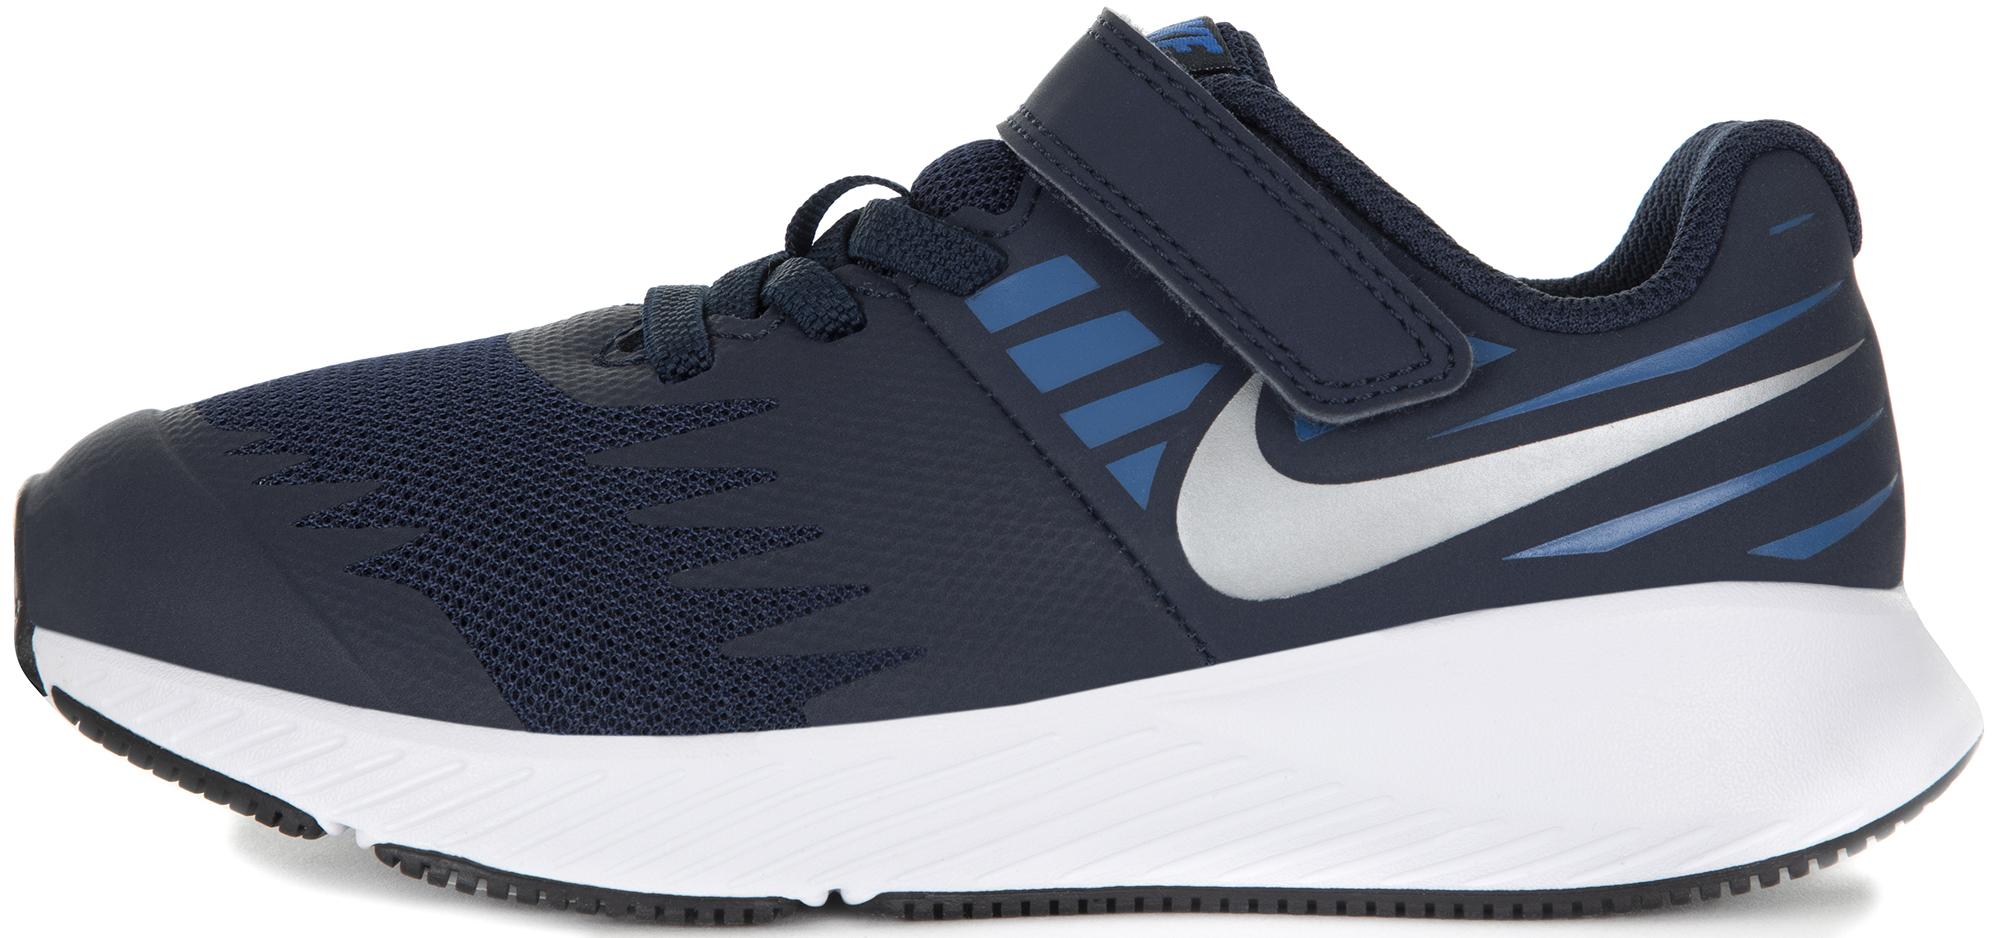 купить Nike Кроссовки для мальчиков Nike Star Runner, размер 34 по цене 2599 рублей